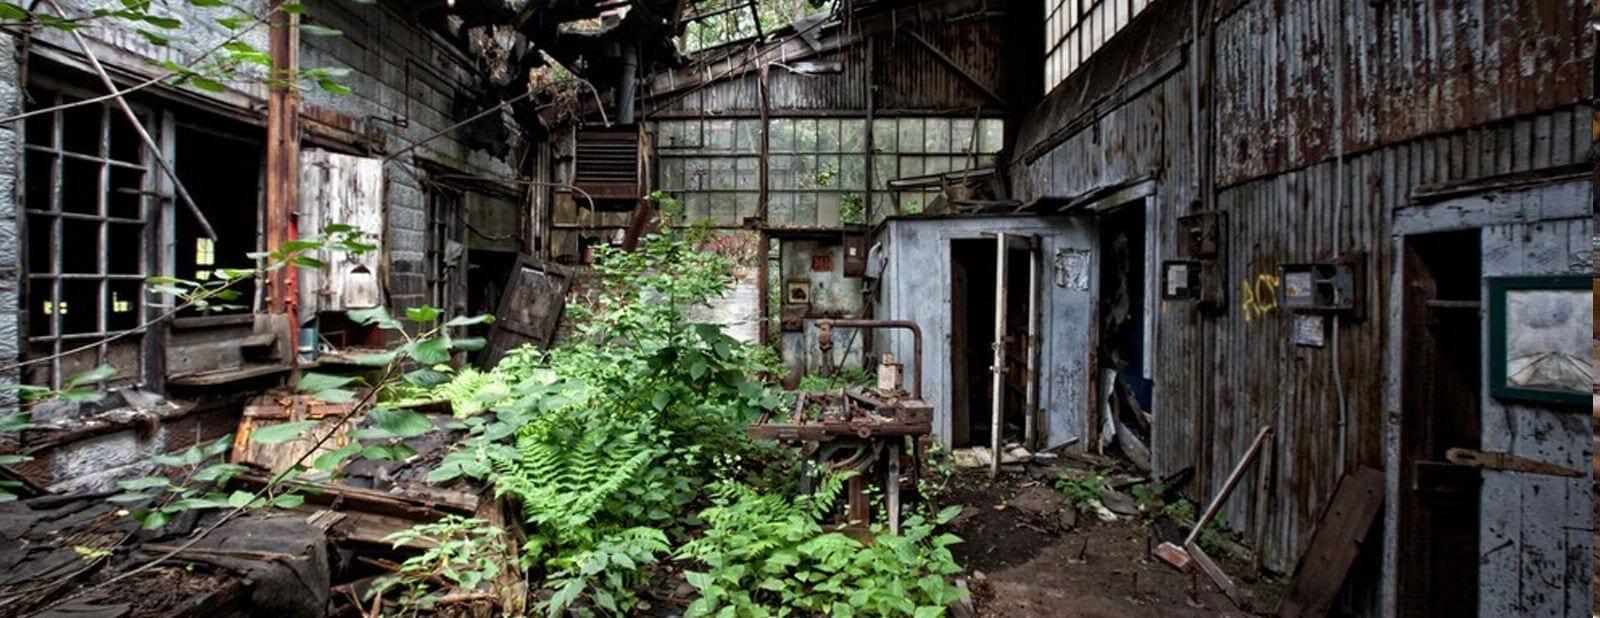 Abandoned America Fort Pitt